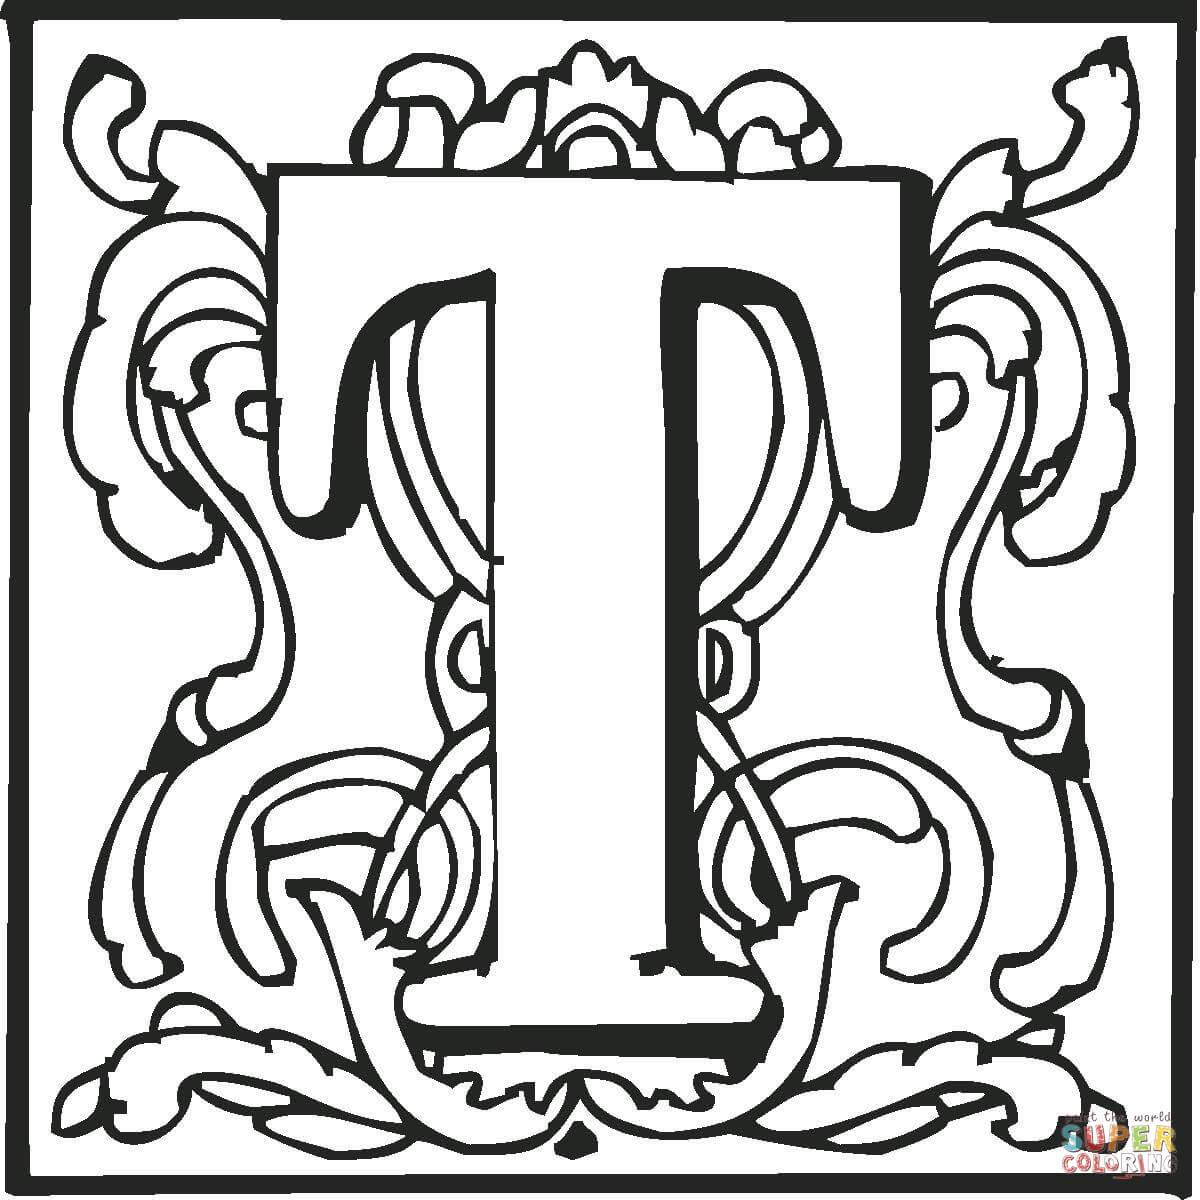 Dibujo De La Letra T Para Colorear Dibujos Para Colorear Imprimir